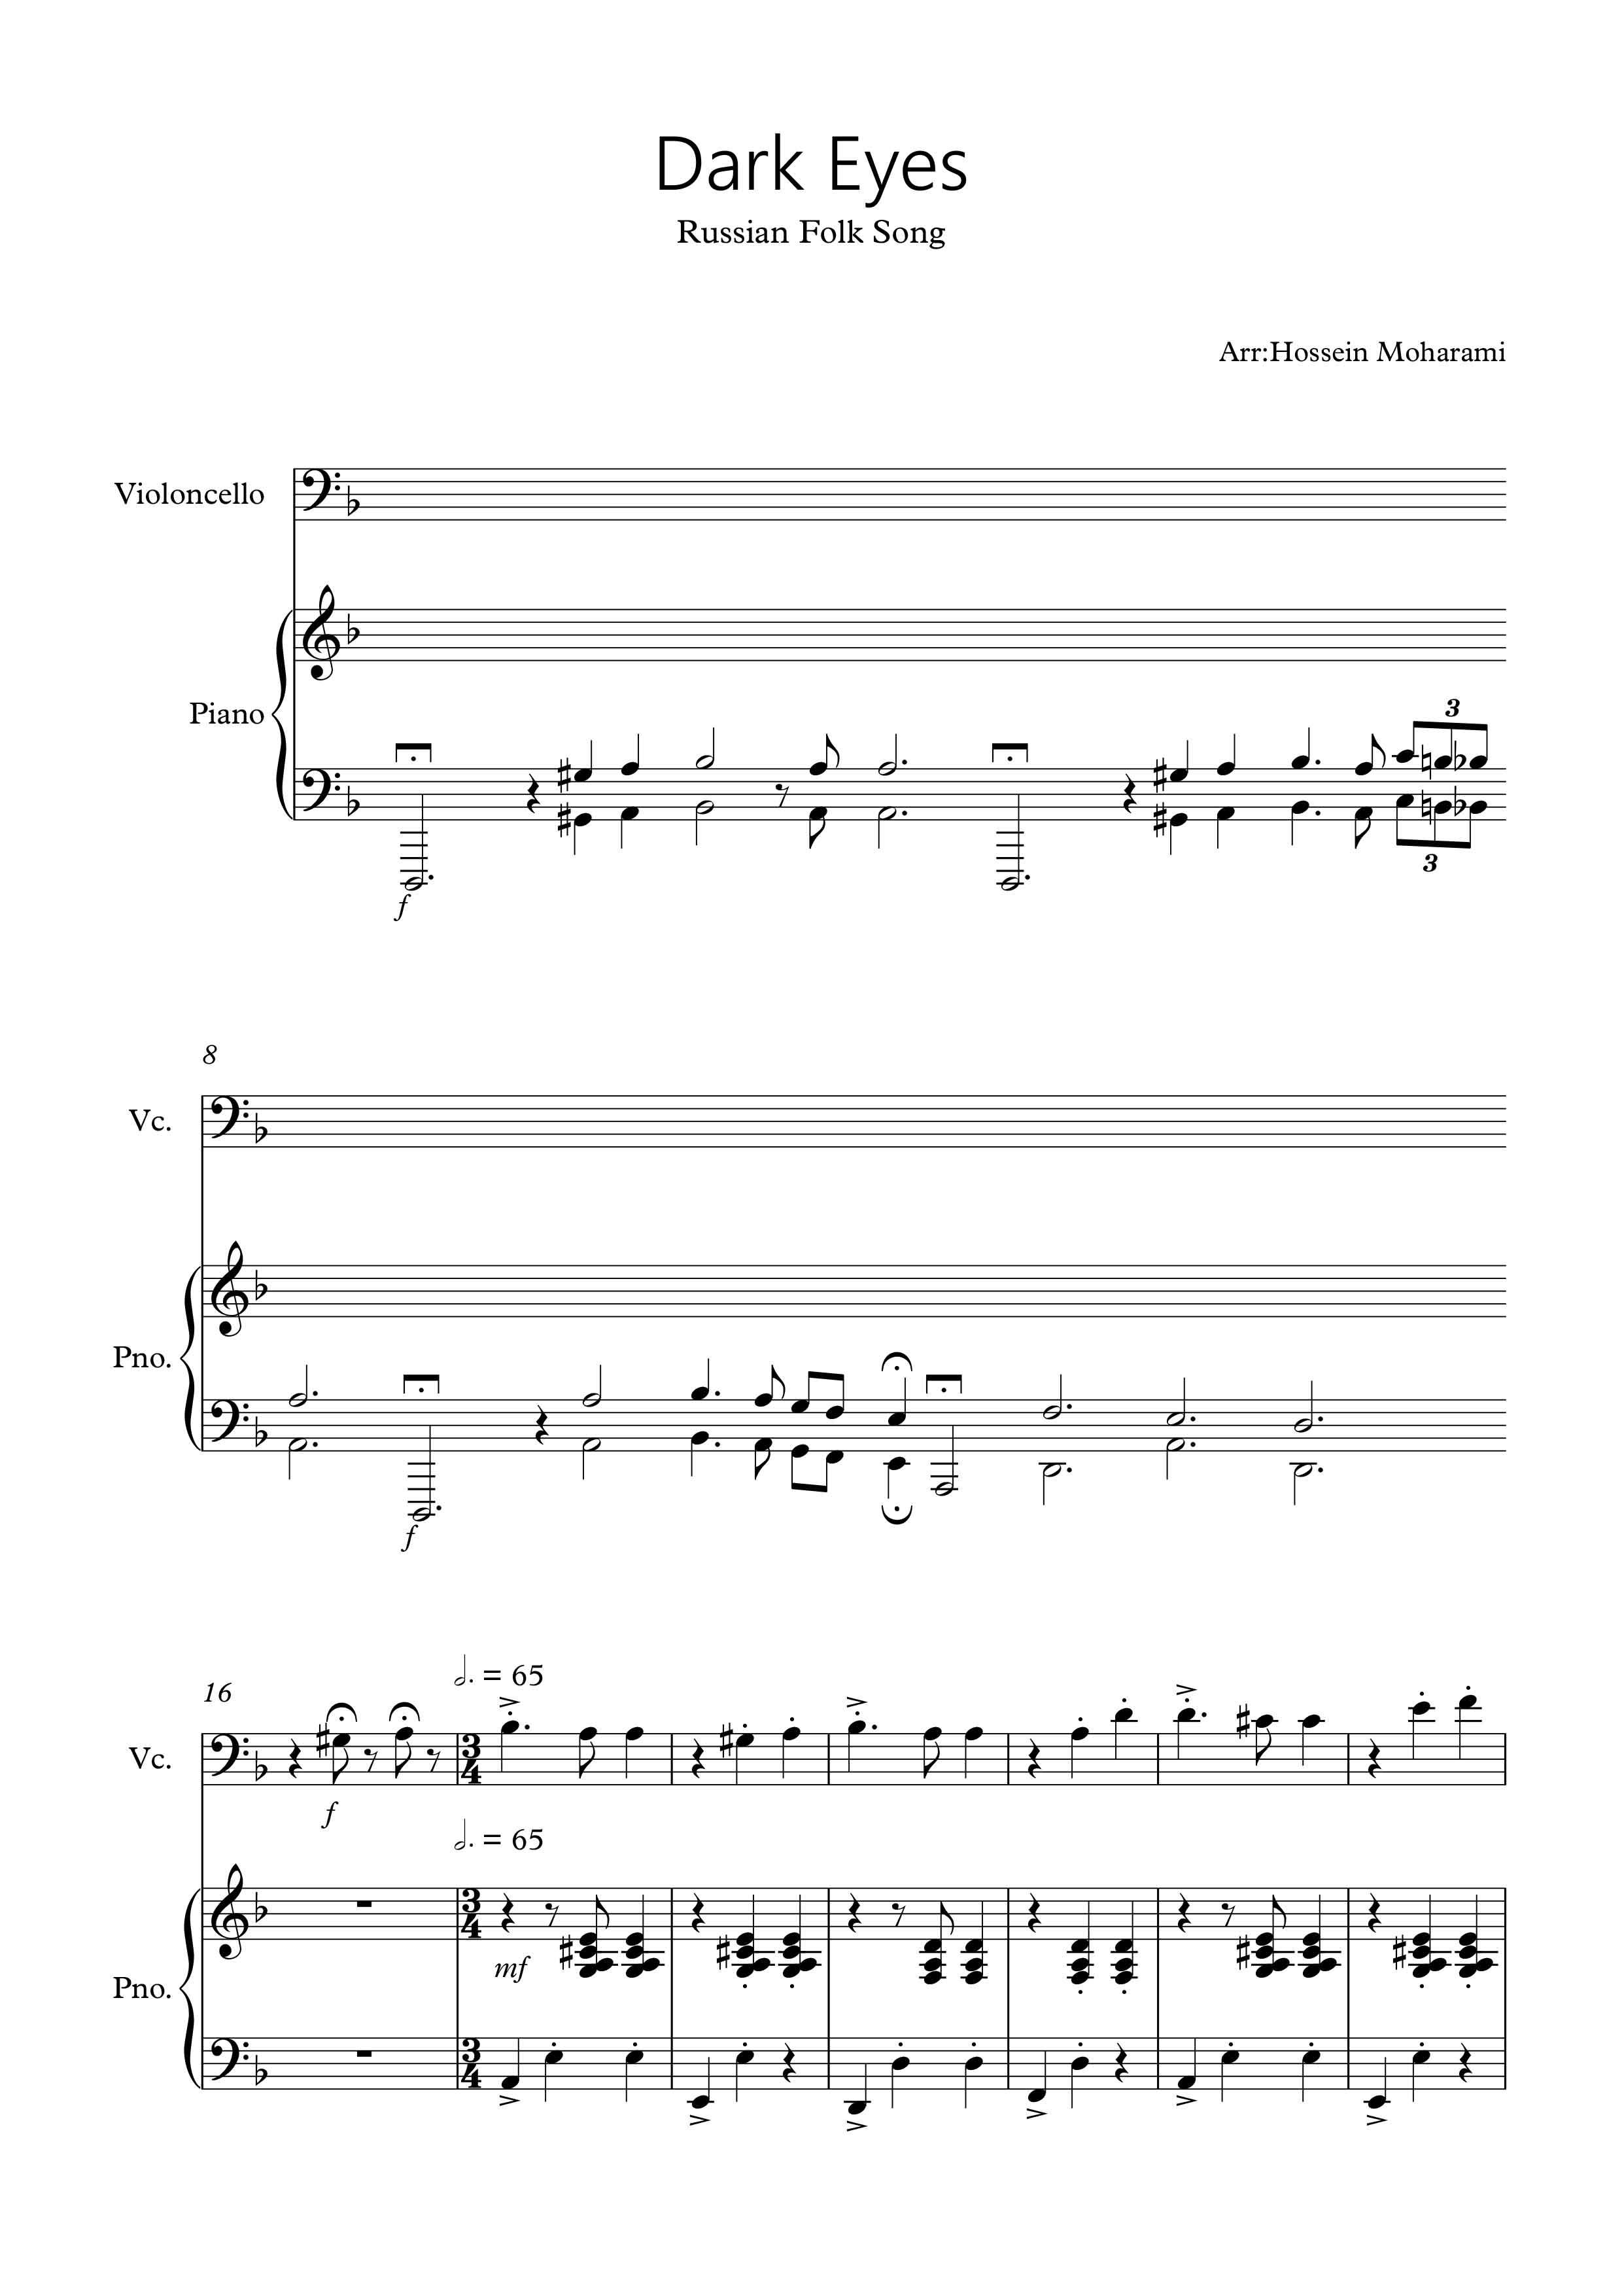 نت dark eyes برای هم نوازی پیانو و ویولنسل